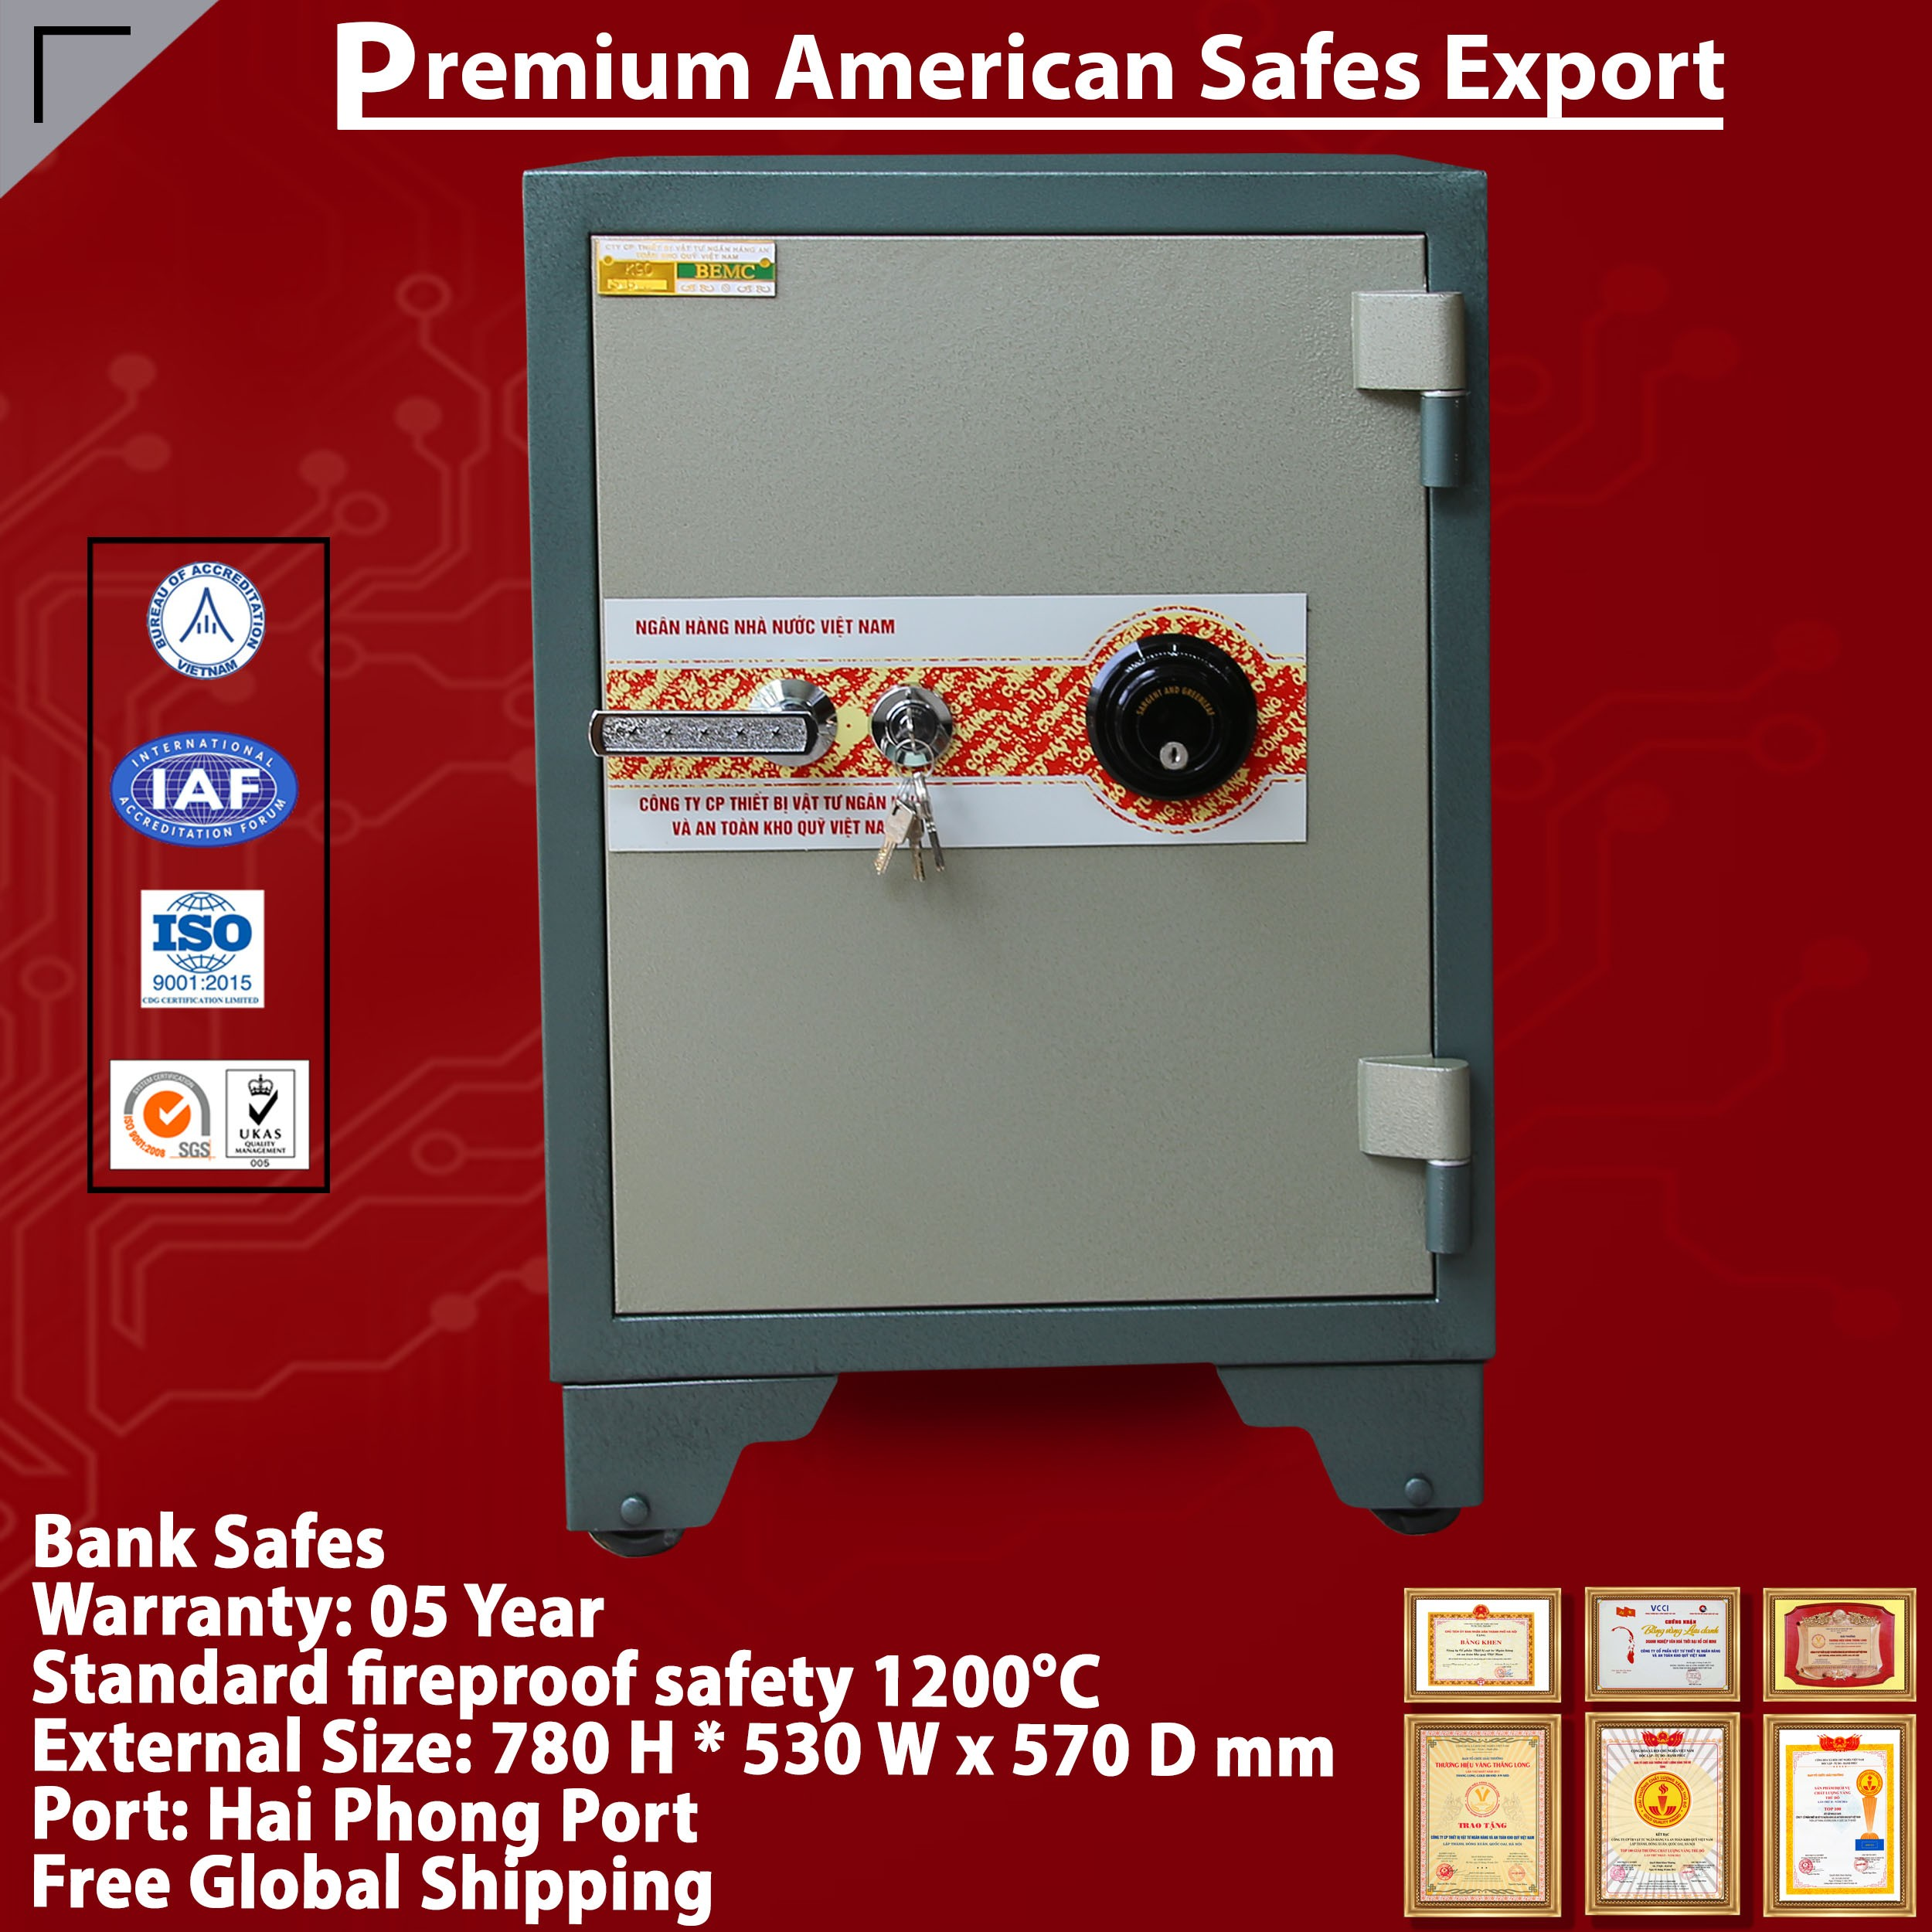 Bank Safes